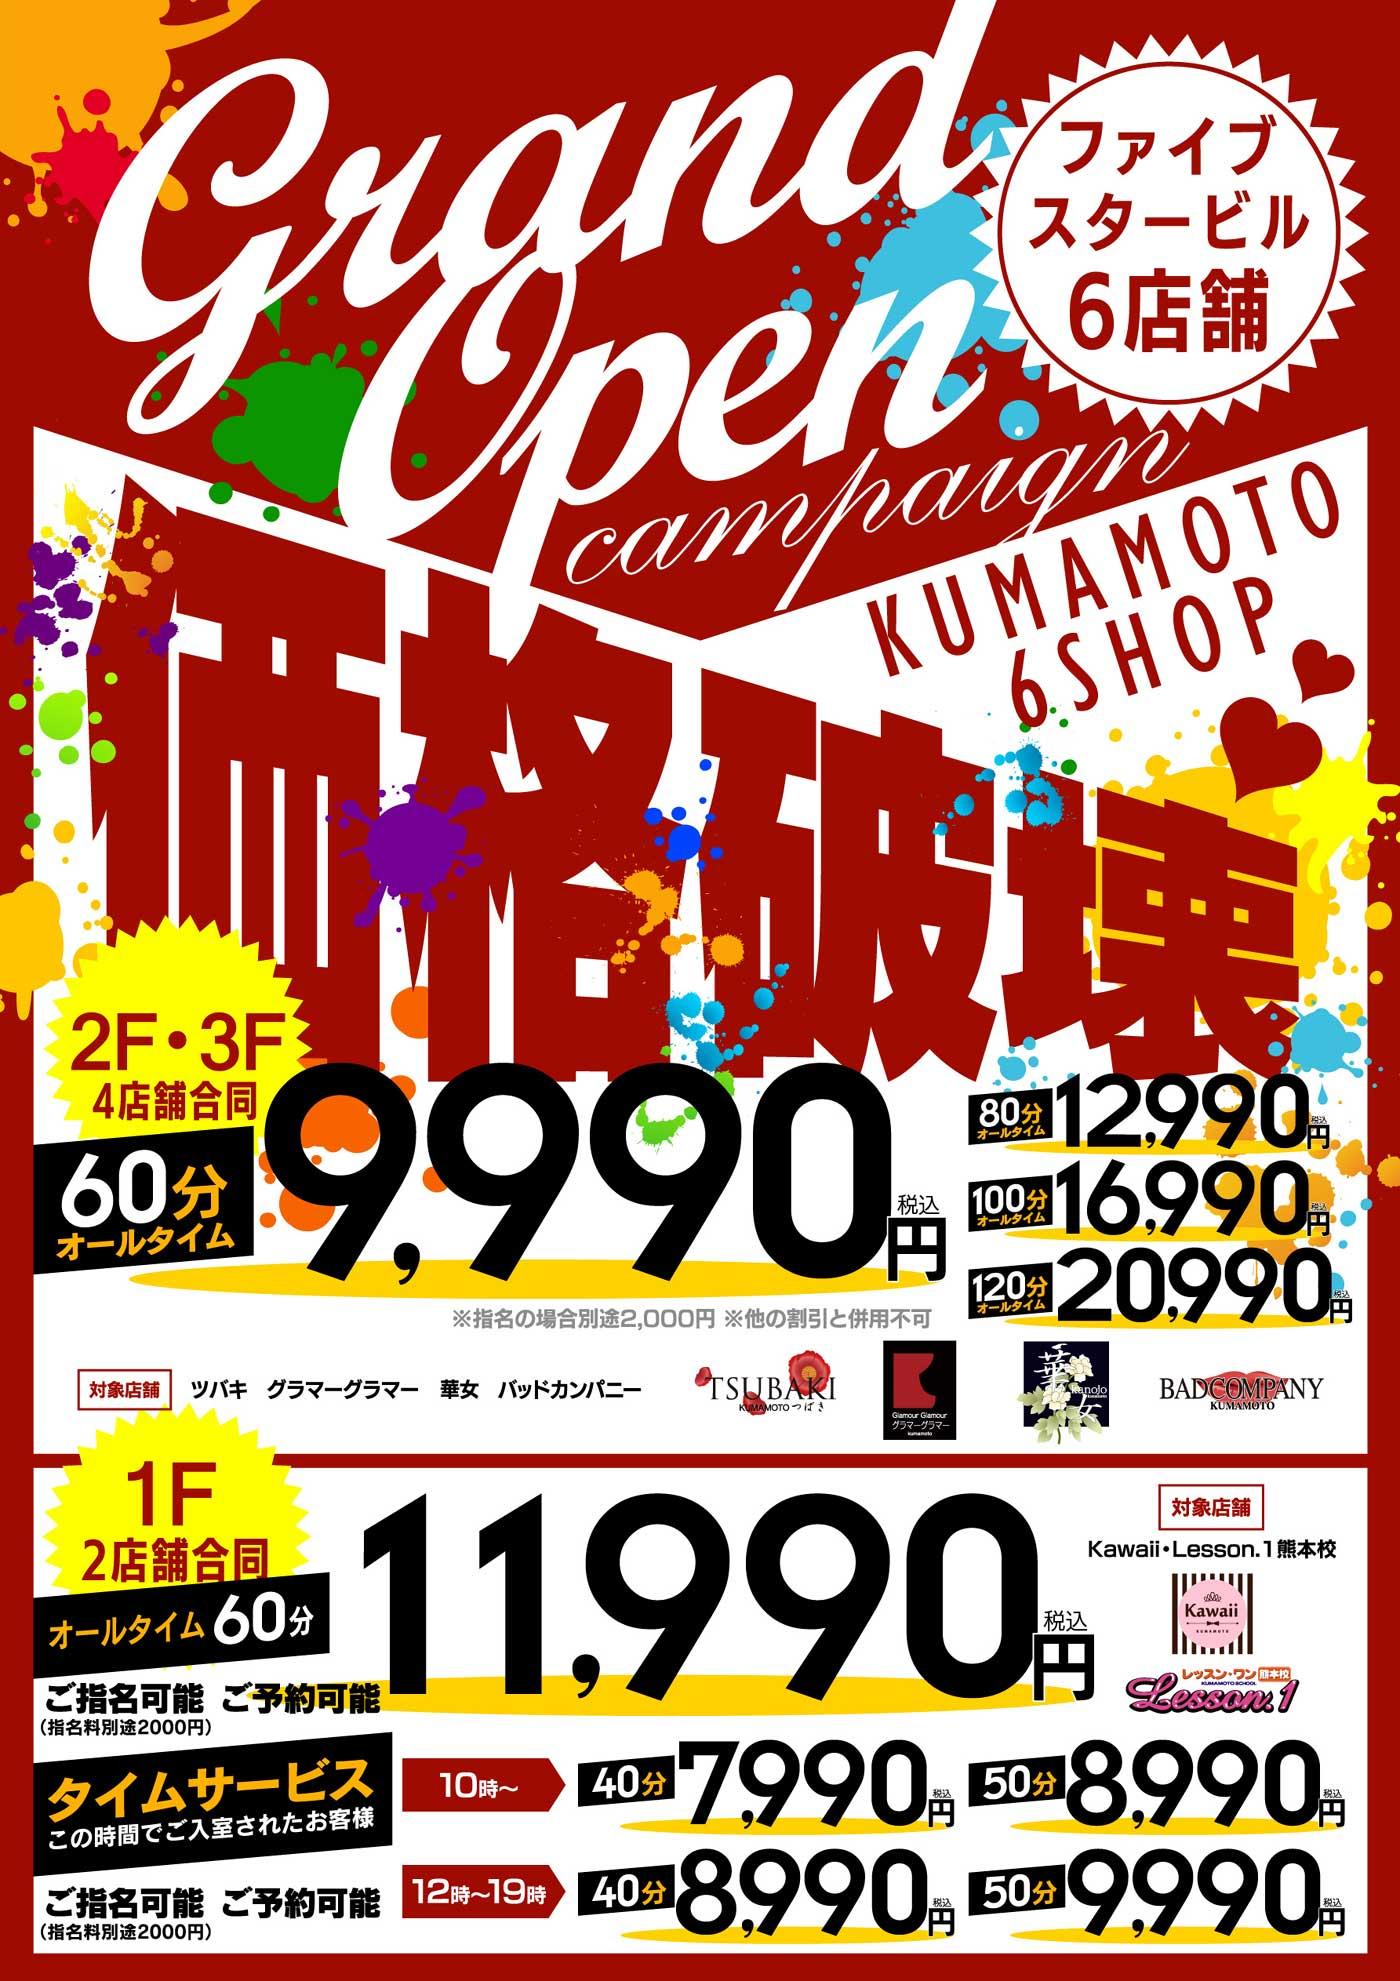 オープンキャンペーンイベント